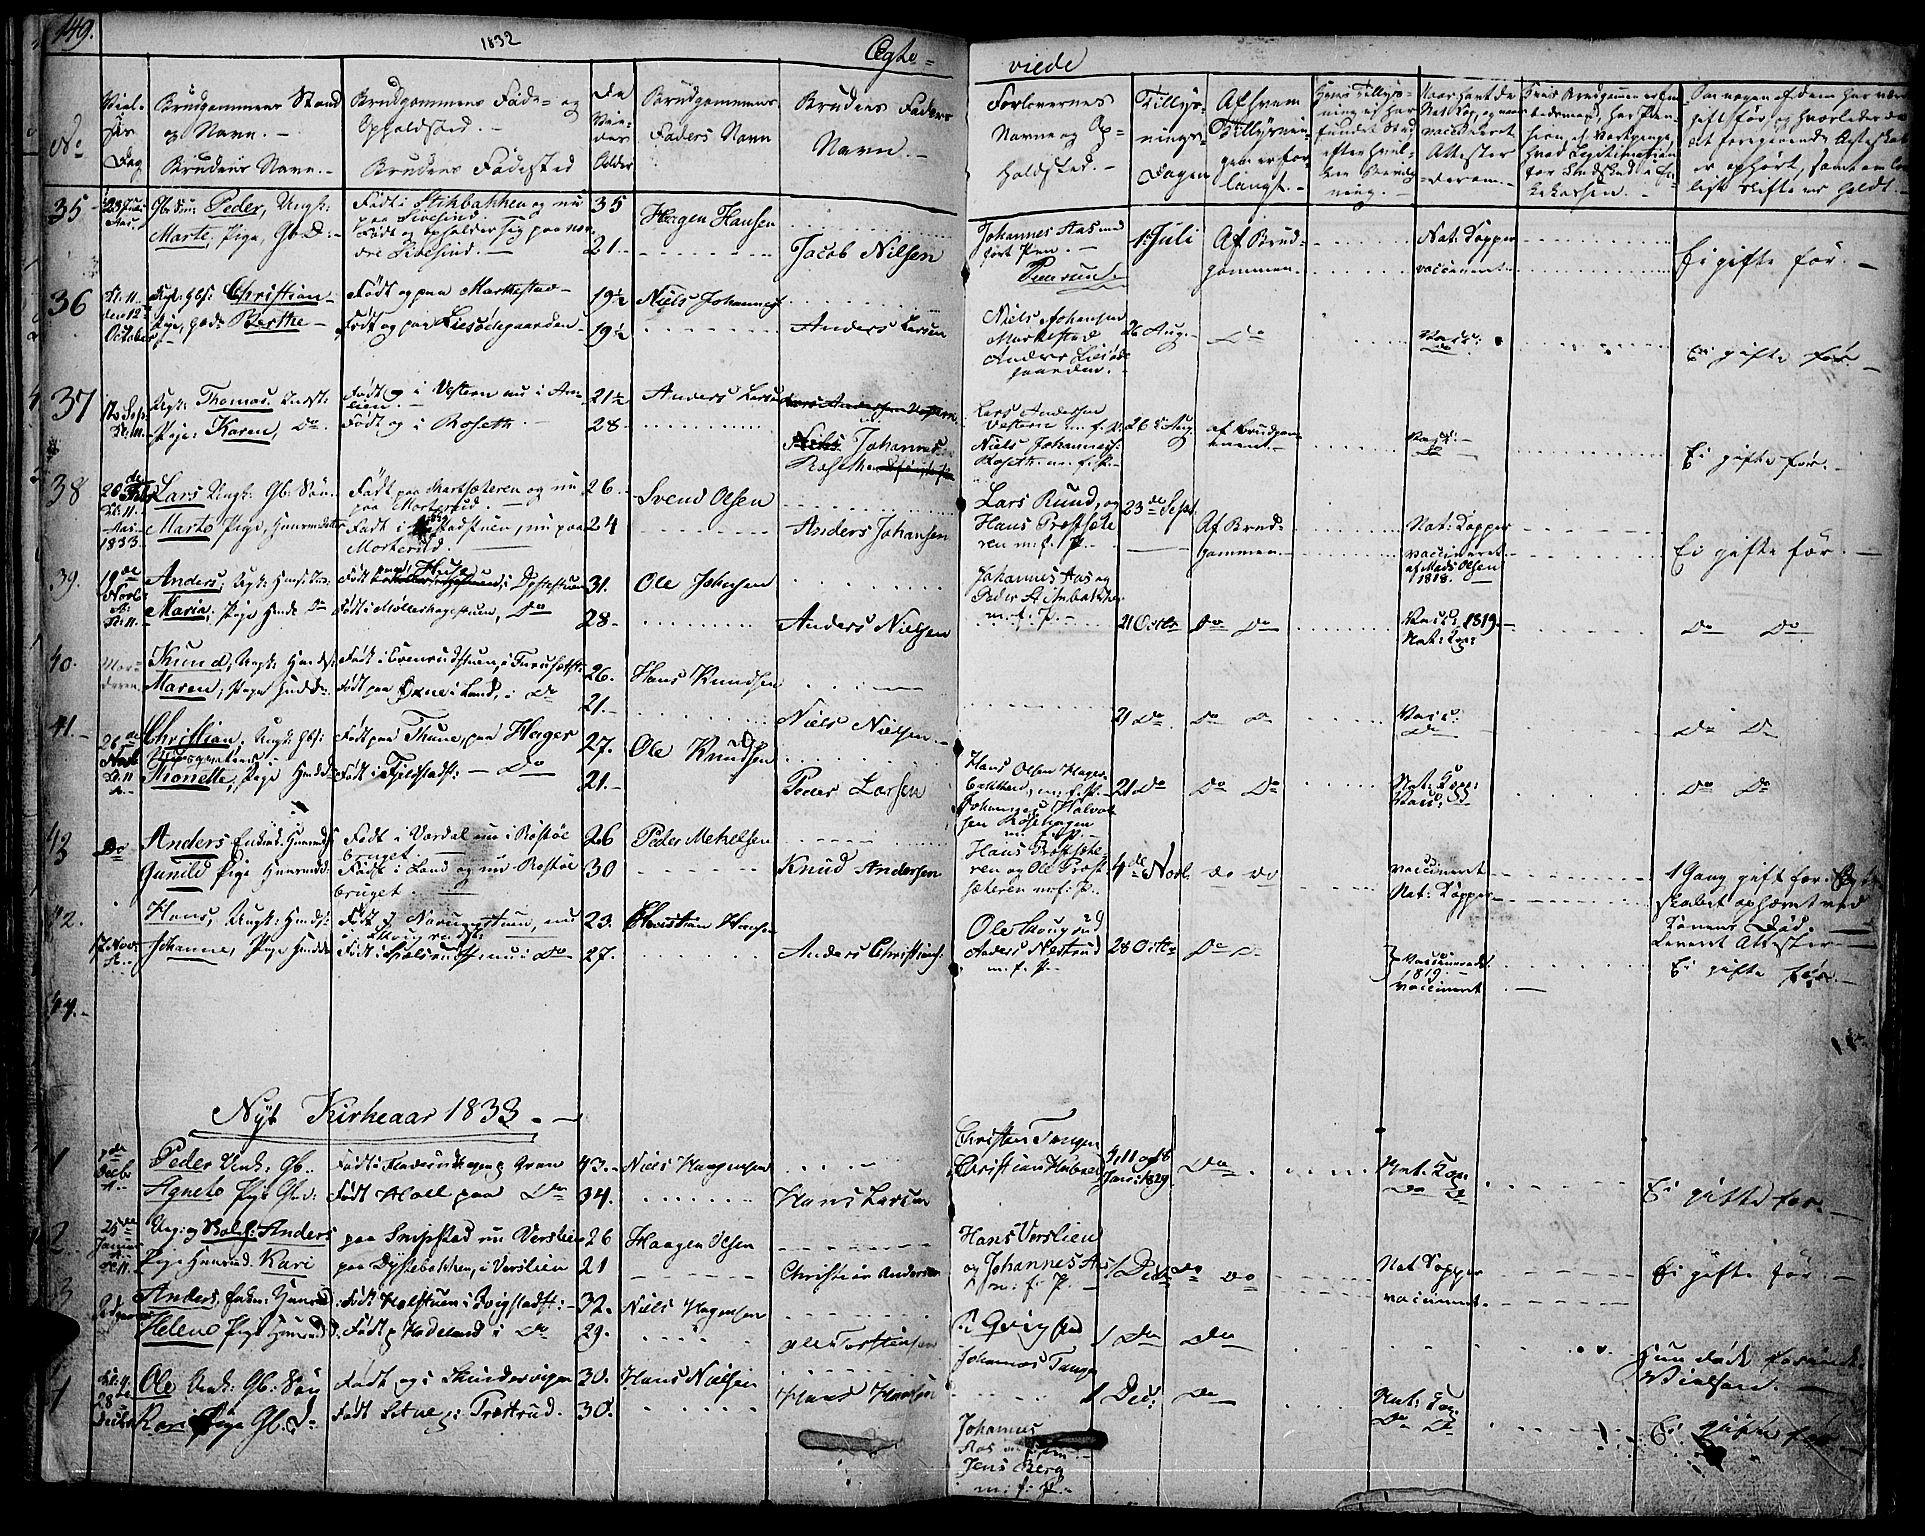 SAH, Vestre Toten prestekontor, Ministerialbok nr. 2, 1825-1837, s. 149